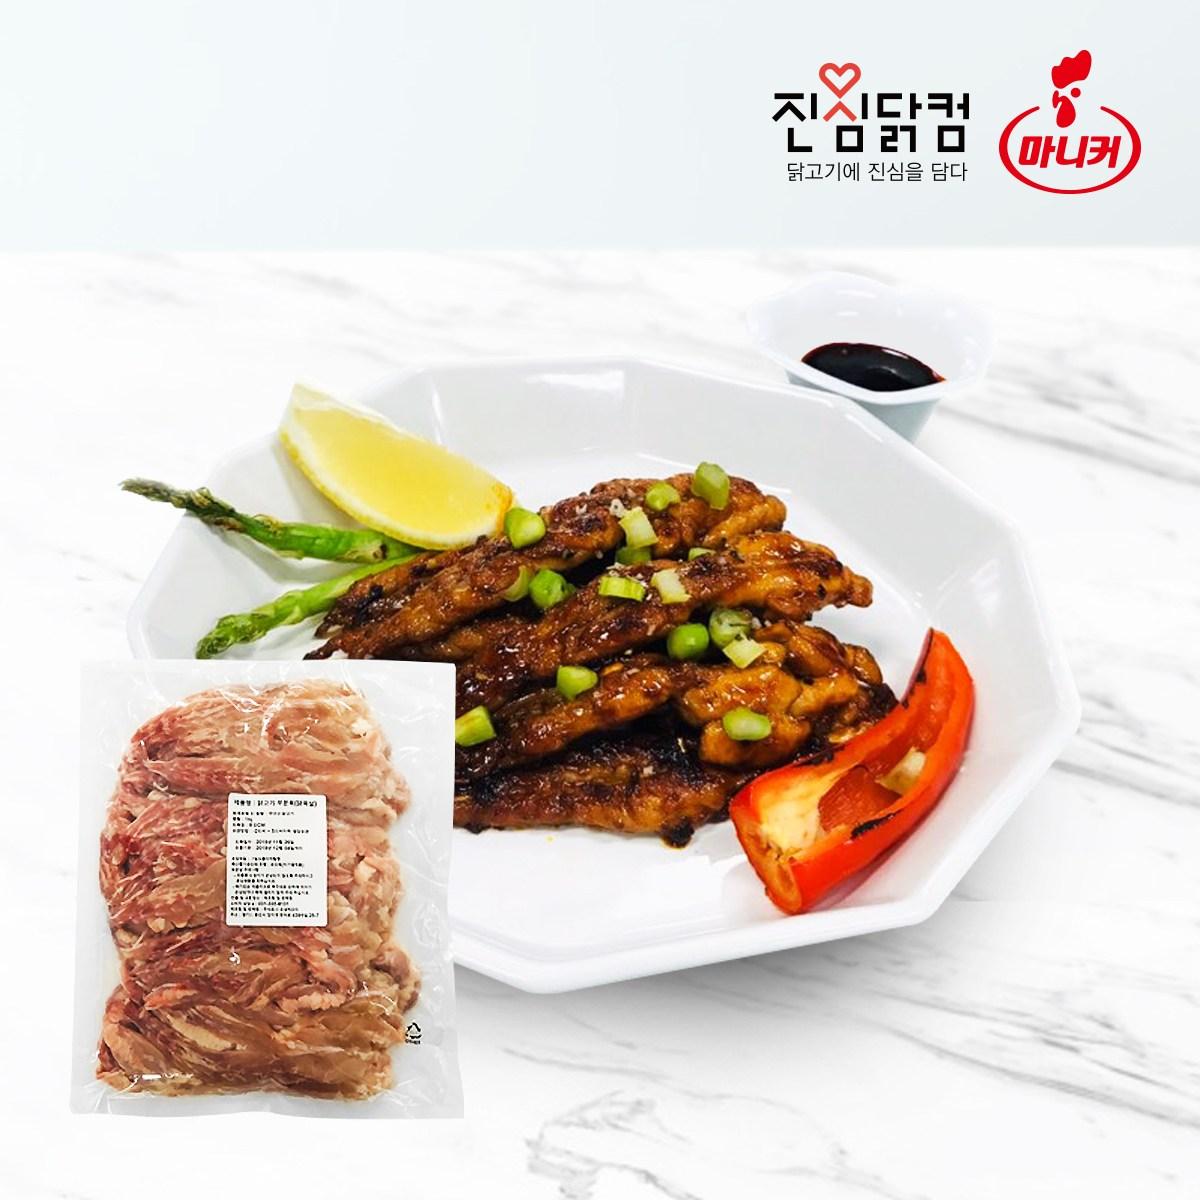 마니커 [진심닭컴] 국내산 손질 닭목살, 10개, 1kg